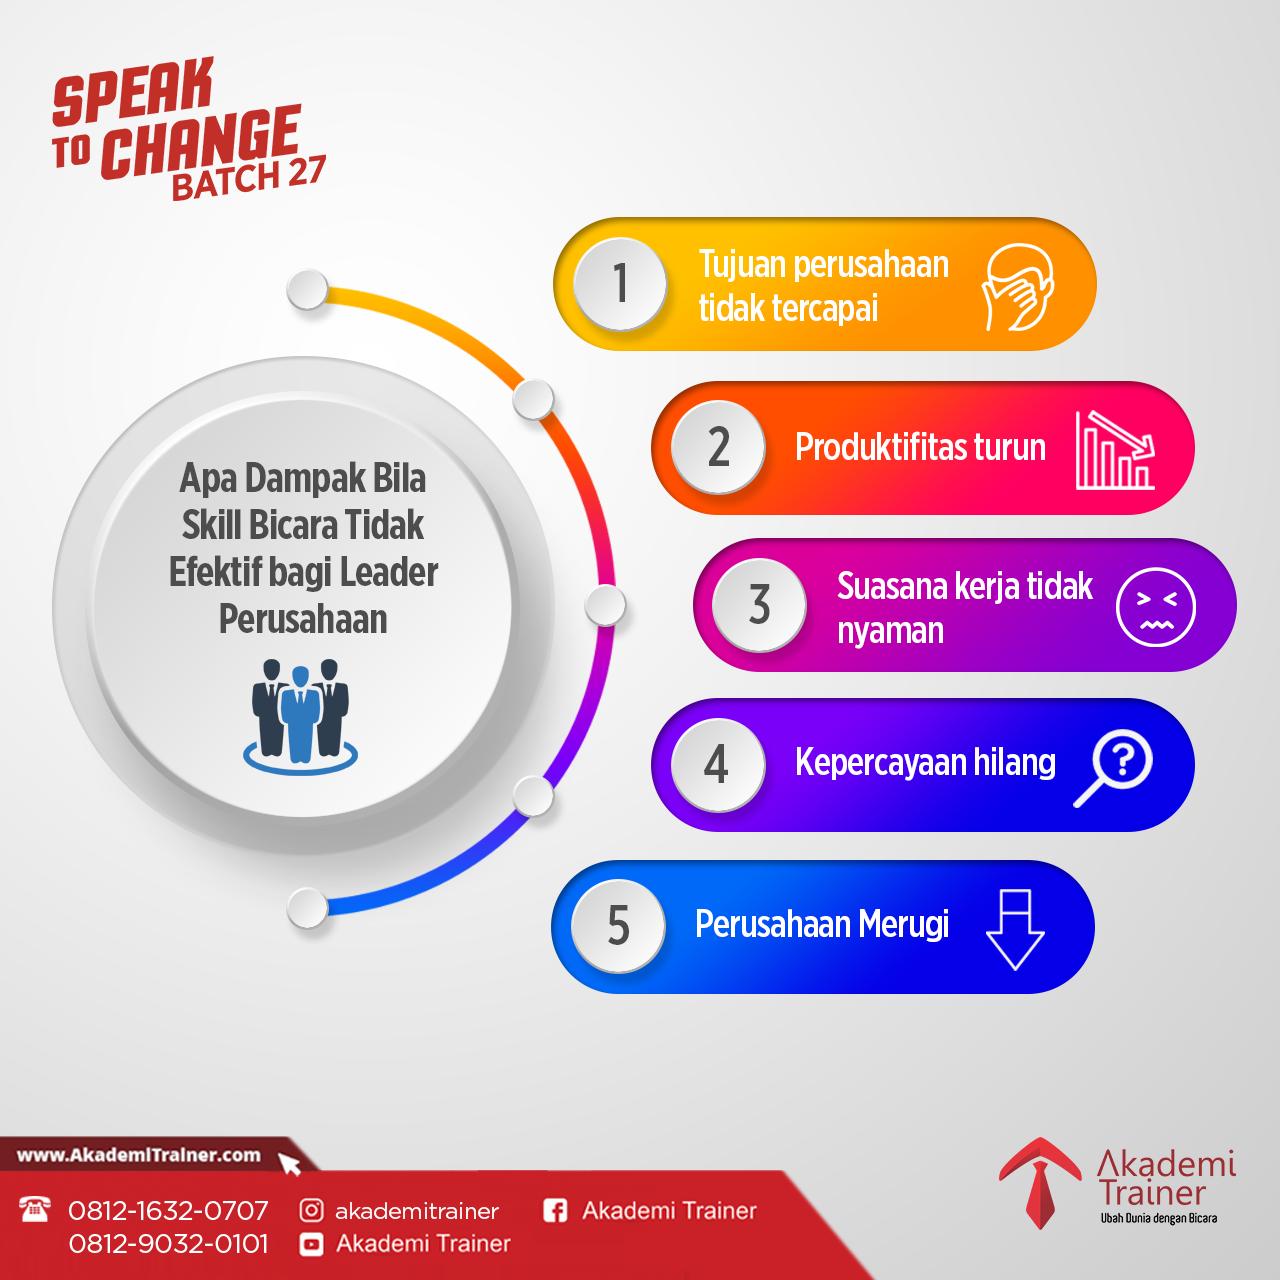 Corporate Trainer Indonesia - Apa Dampak Bila Bicara Tidak Efeketif di Perusahaan Anda